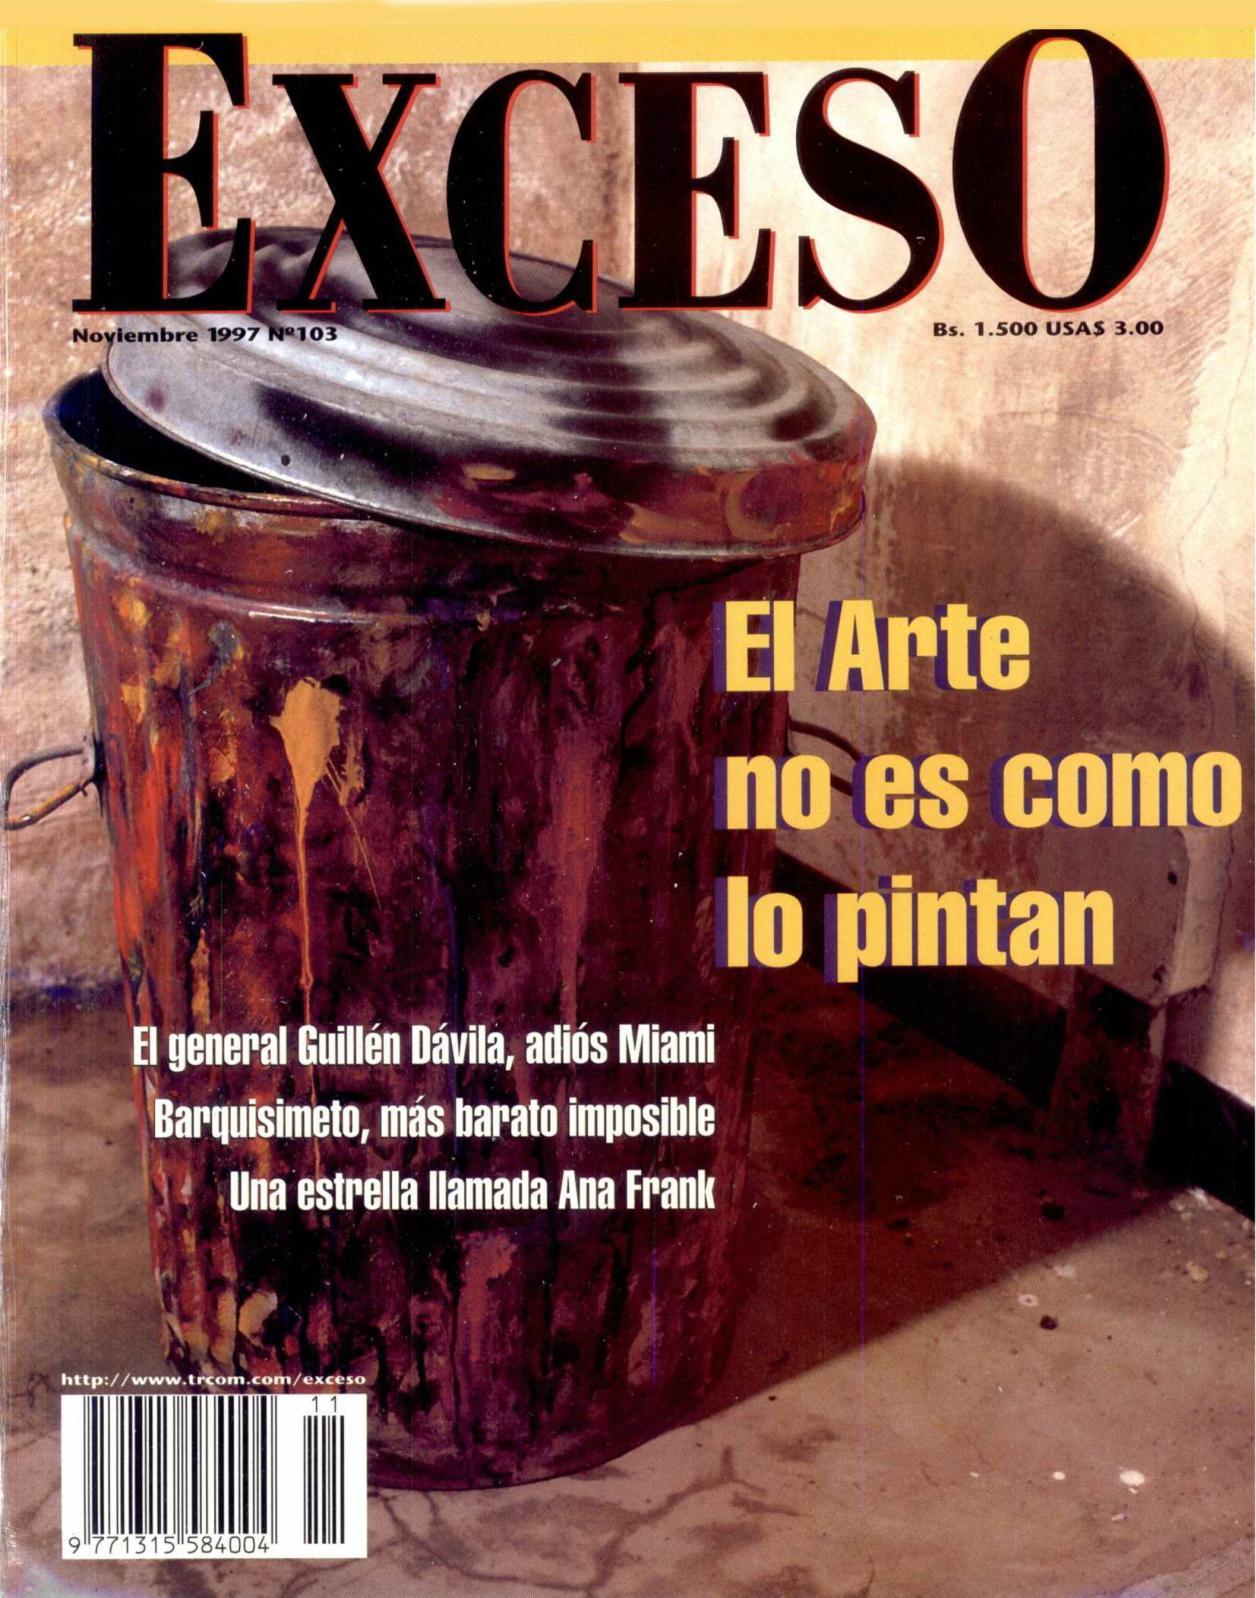 Al Entregar Una Pizza Sale Una Chica Desnuda calaméo - revista exceso ediciÓn nº 103 noviembre 1997